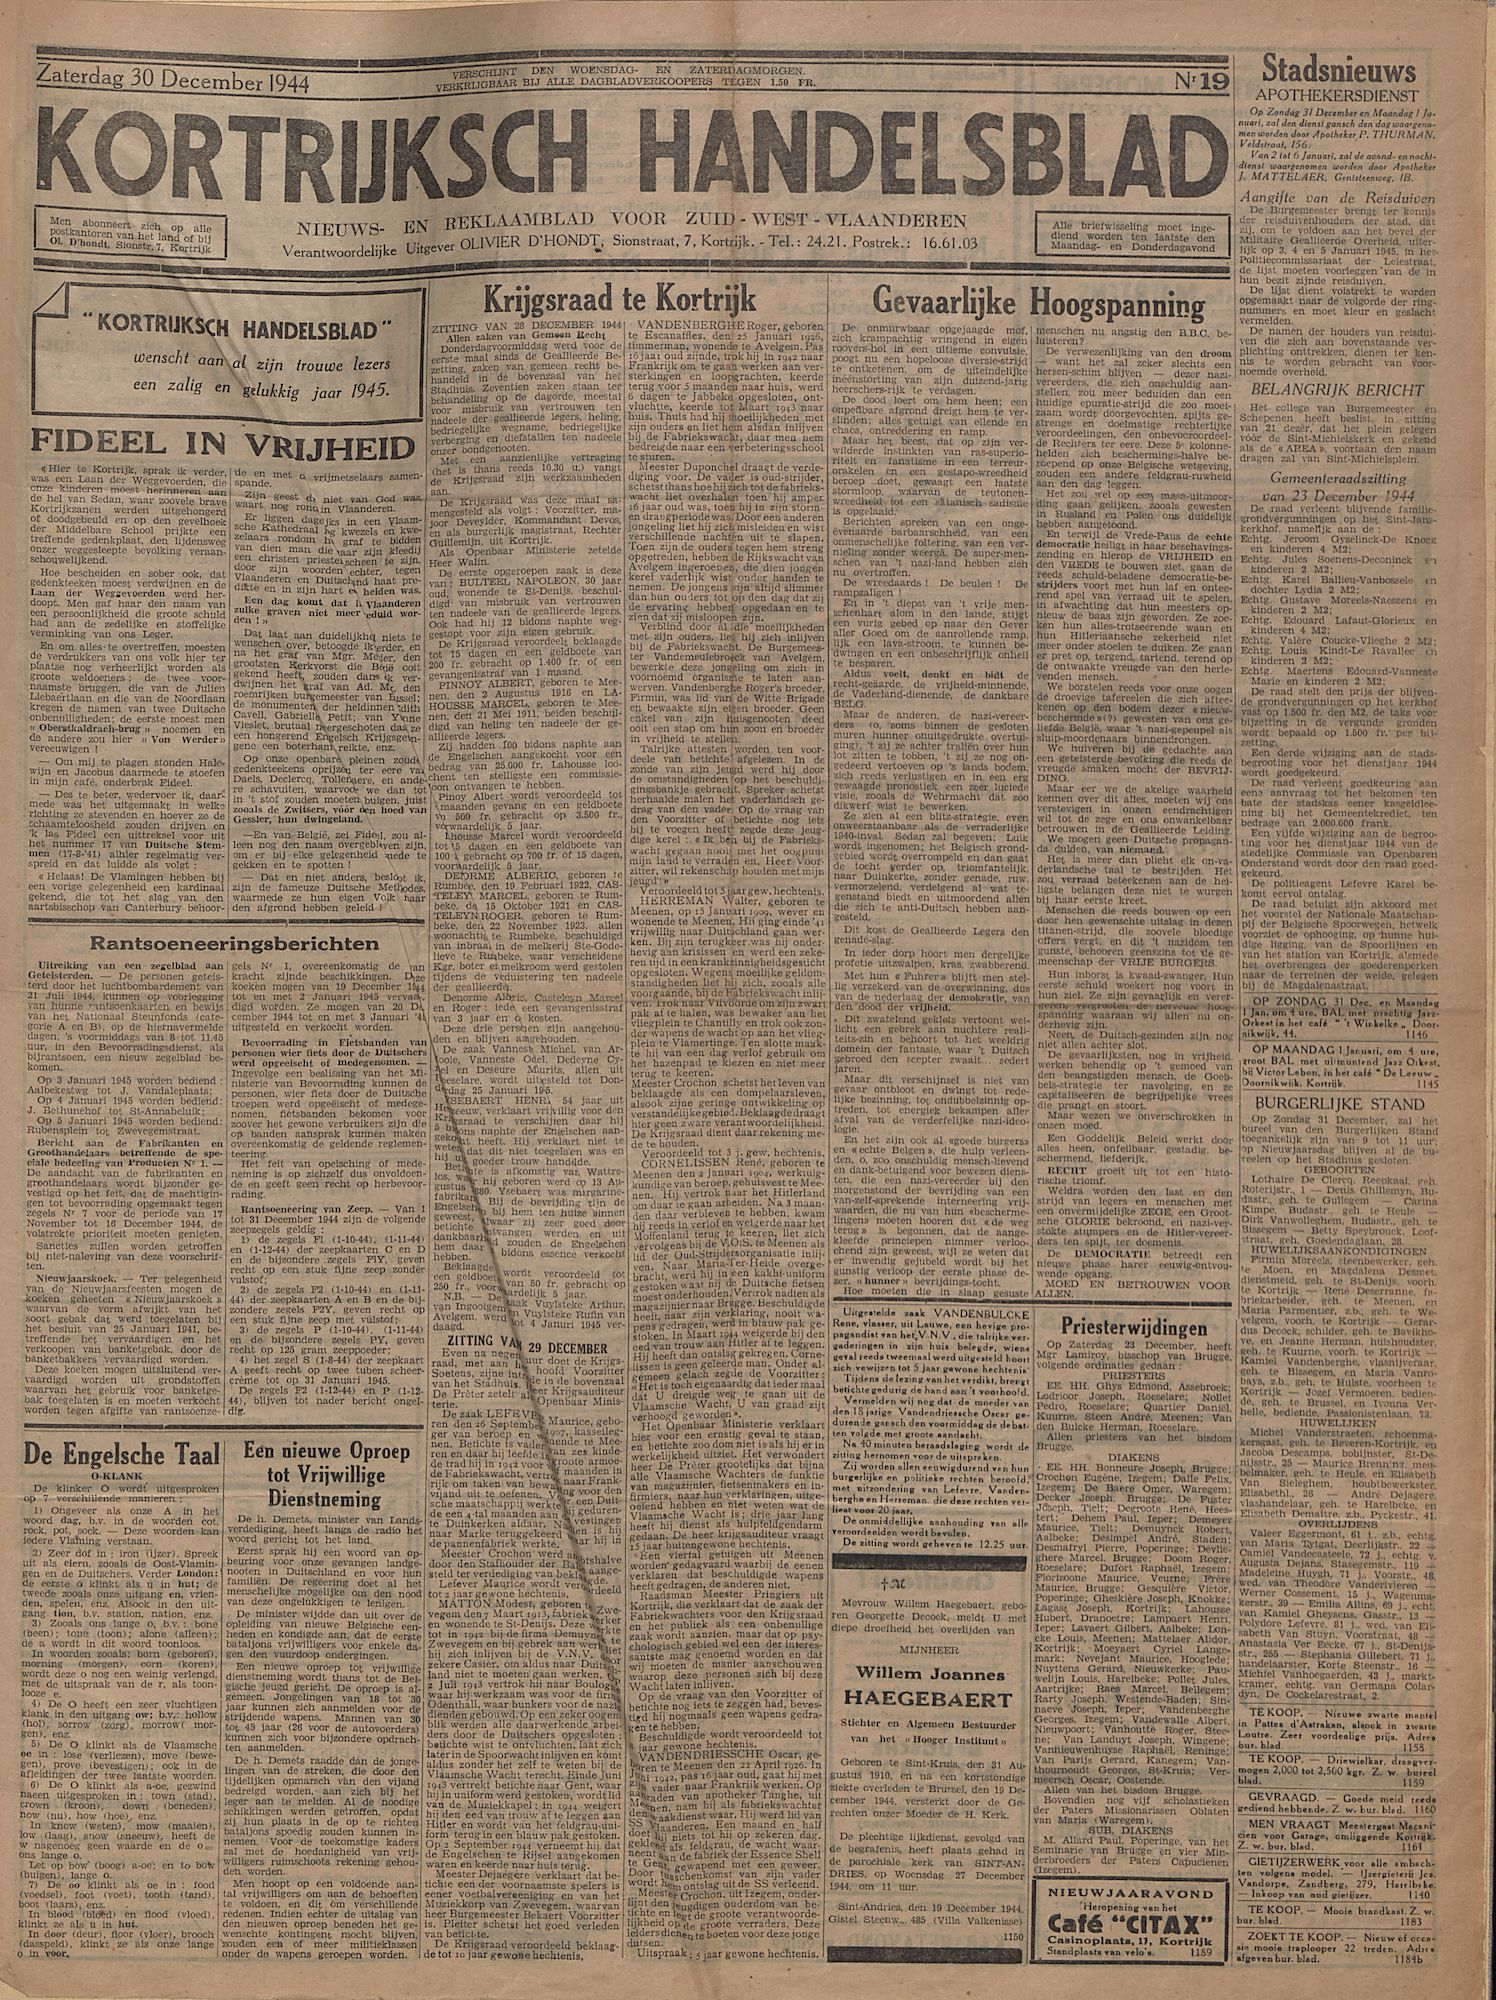 Kortrijksch Handelsblad 30 december 1944 Nr19 p1